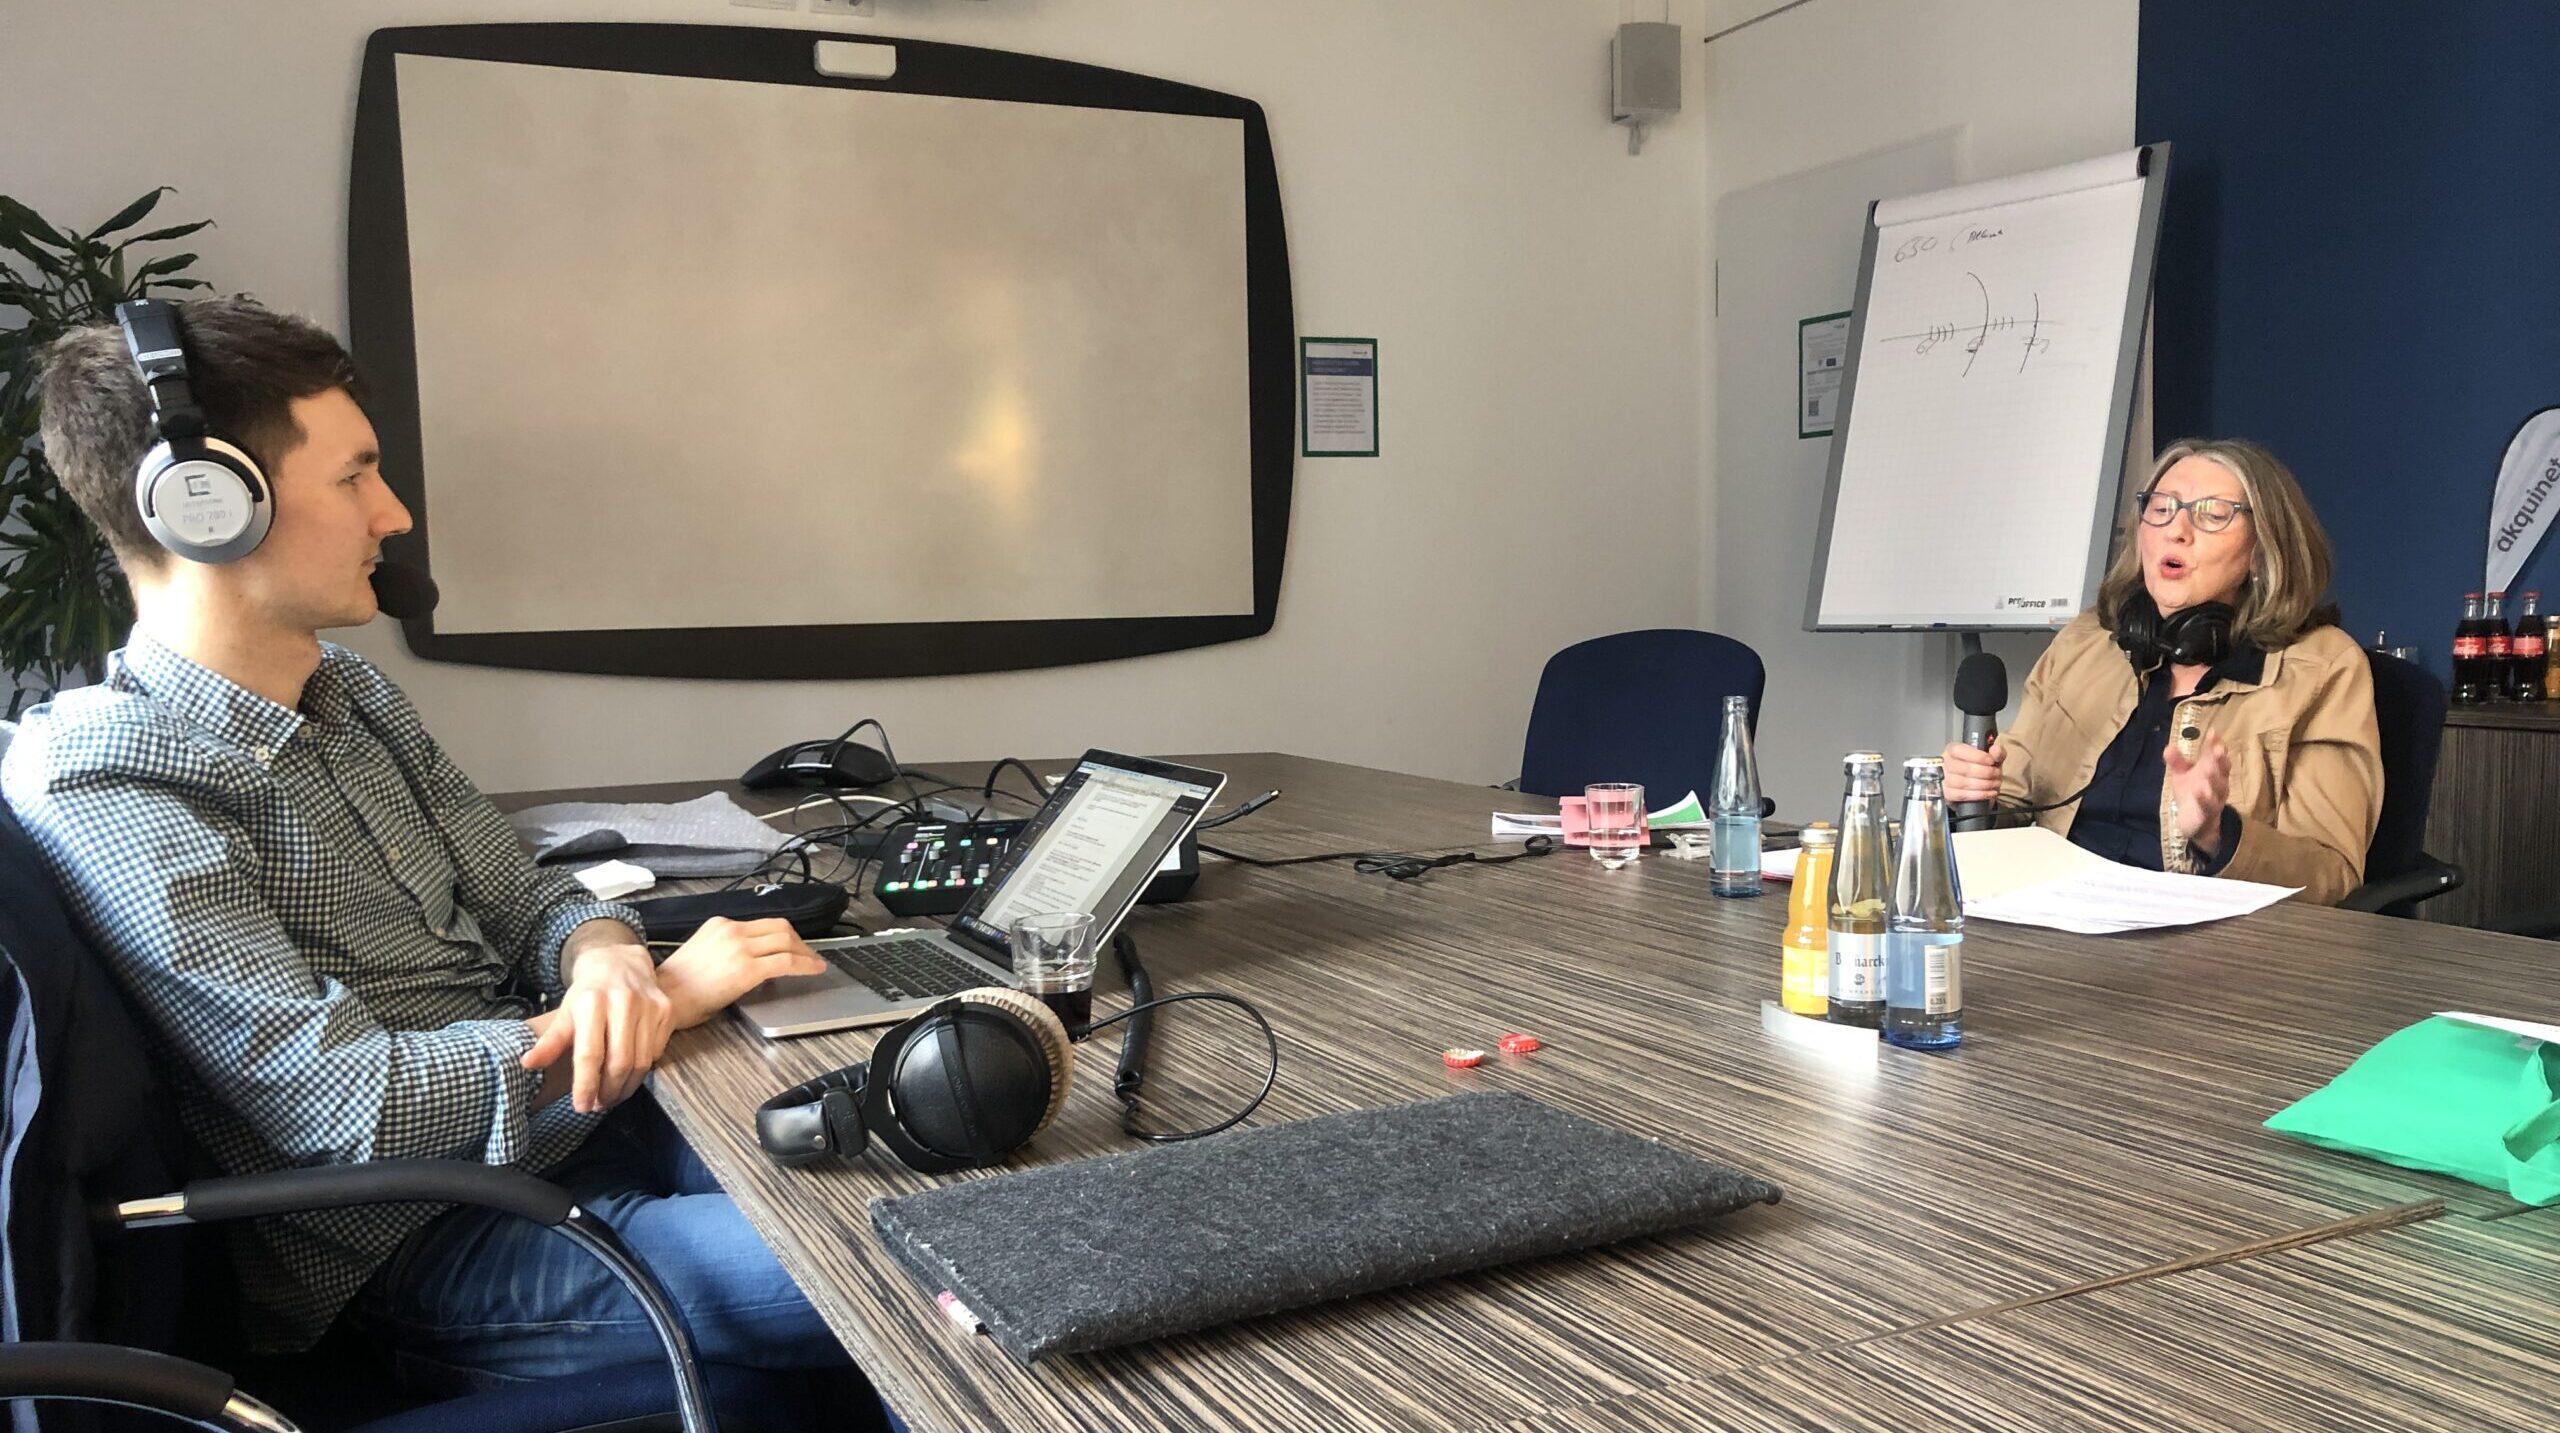 An einem breiten Konferenztisch sitzen am einen Ende Florian Eib und am anderen Susanne Klein. Beide haben Headsets auf dem Kopf und blicken sich an. Susanne Klein gestikuliert. Florian hat einen Laptop mit Text und ein Mischpult vor sich, Foto: Tomke Koop.